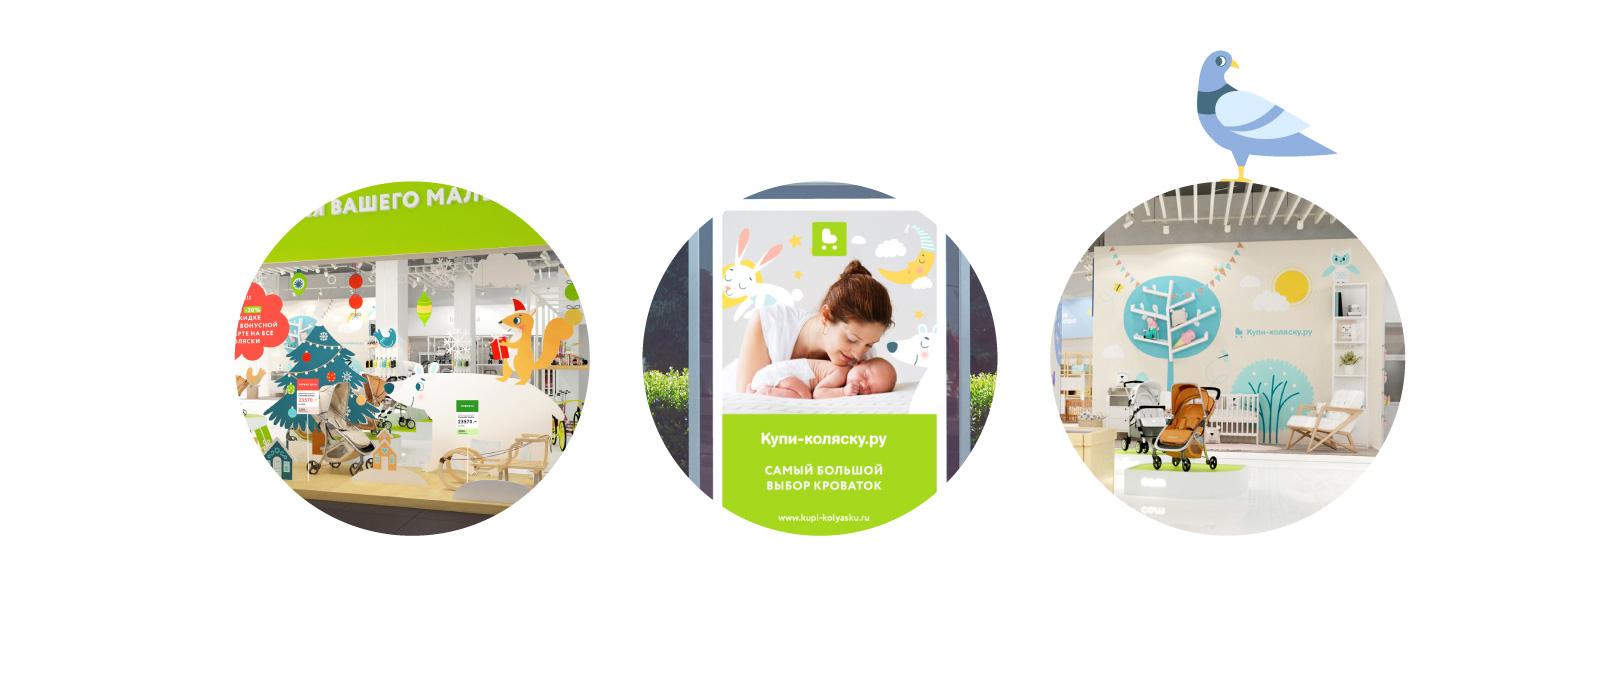 Примеры использования фирменного стиля бренда в дизайне рекламы, интерьере и навигации